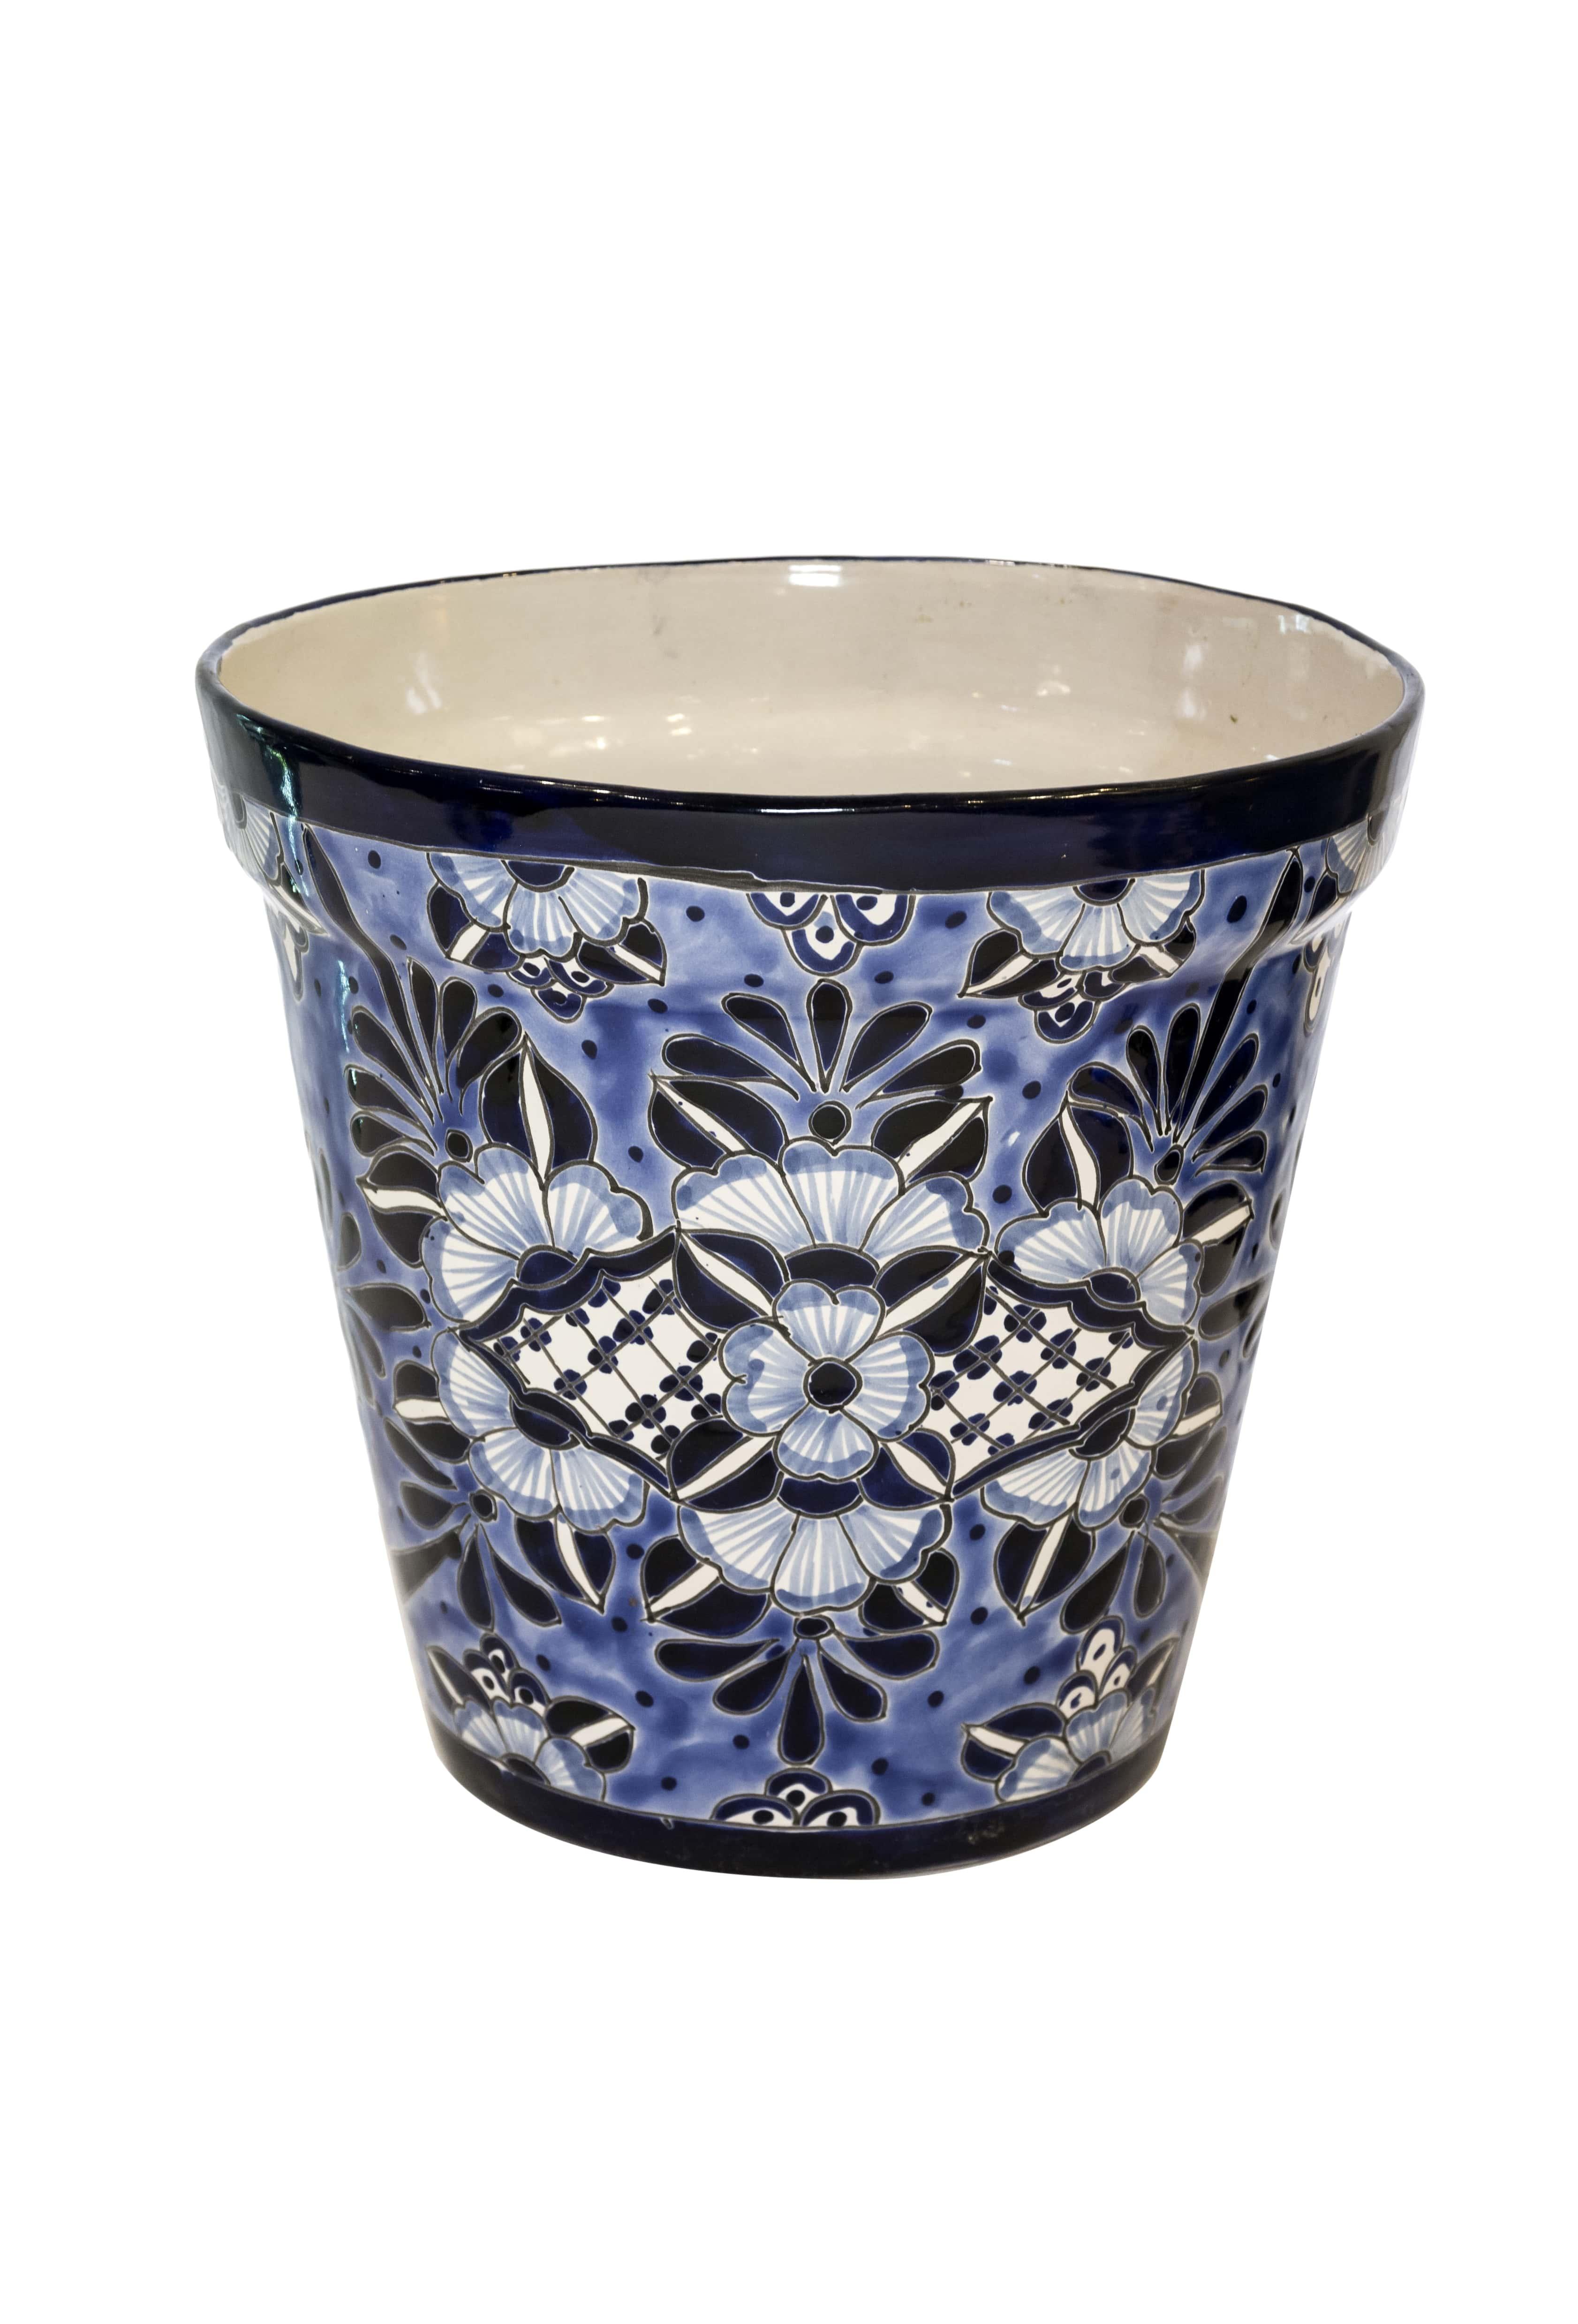 Pot in Mexican Talavera ceramics